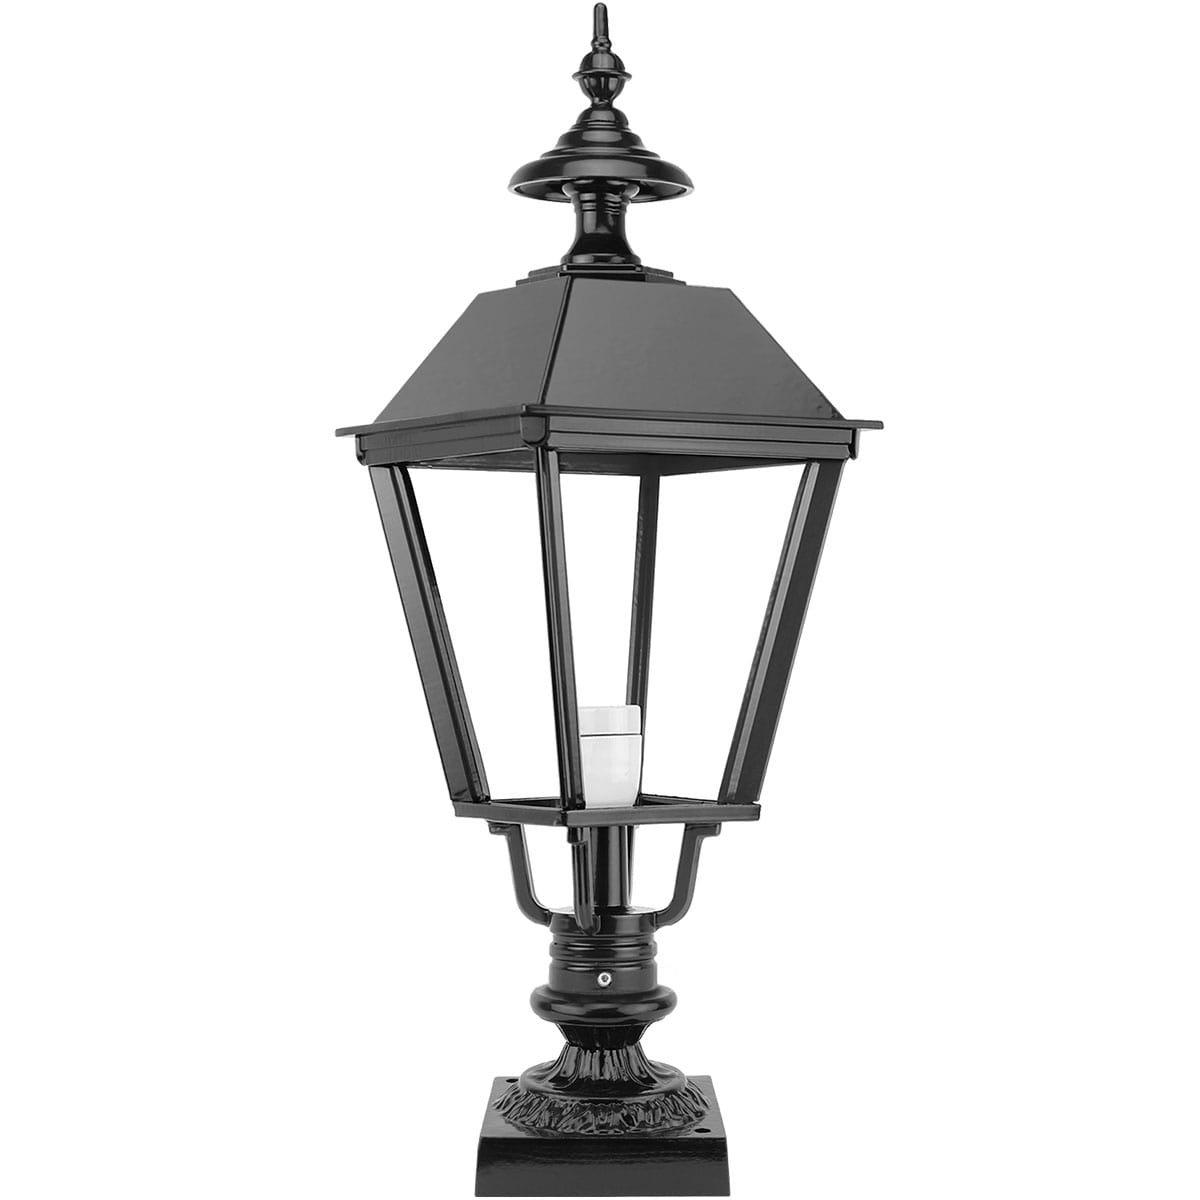 Buitenverlichting Klassiek Landelijk Tuinlamp Ridderkerk - 71 cm